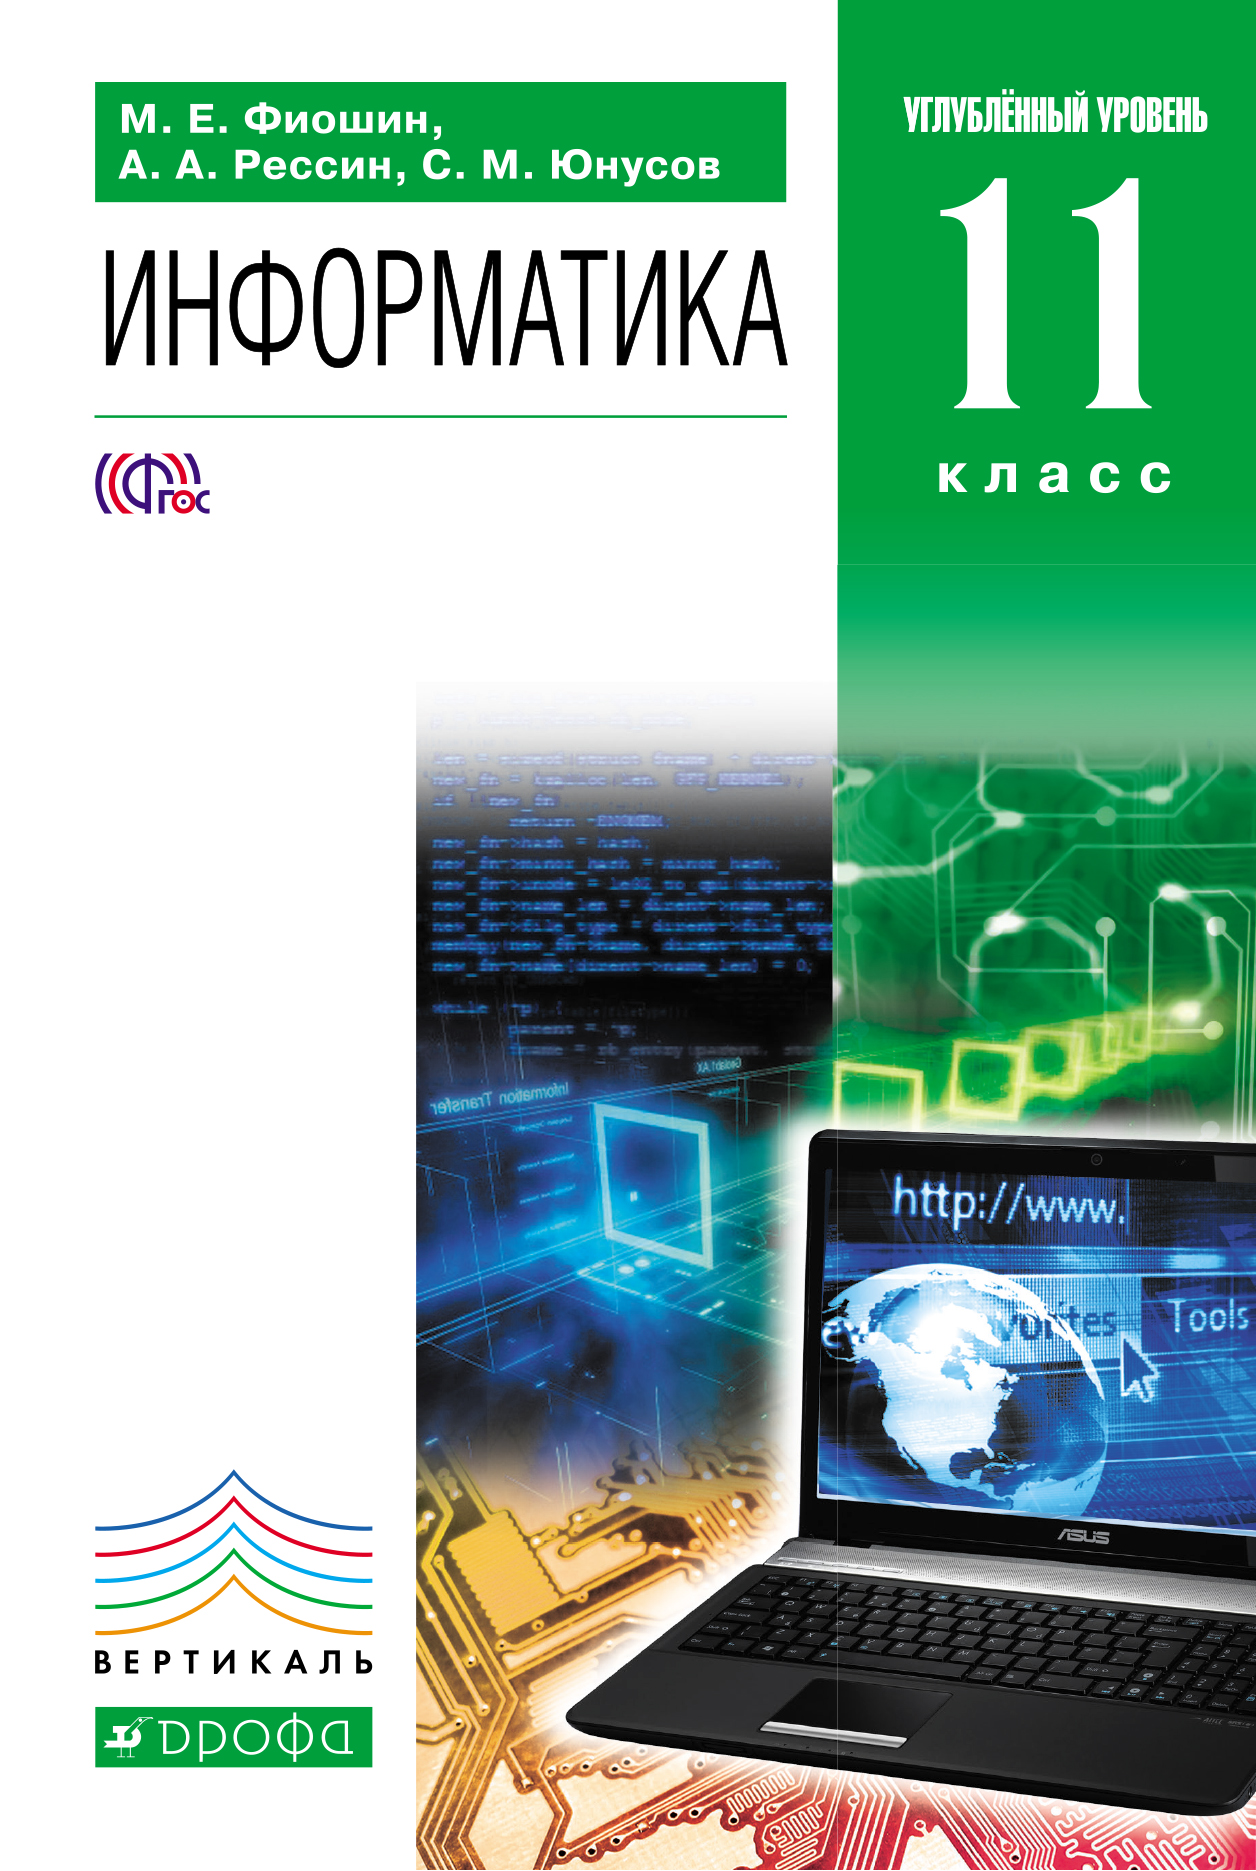 Фиошин. Информатика. 11 кл. Углубленный уровень. Учебник  ВЕРТИКАЛЬ. (ФГОС).